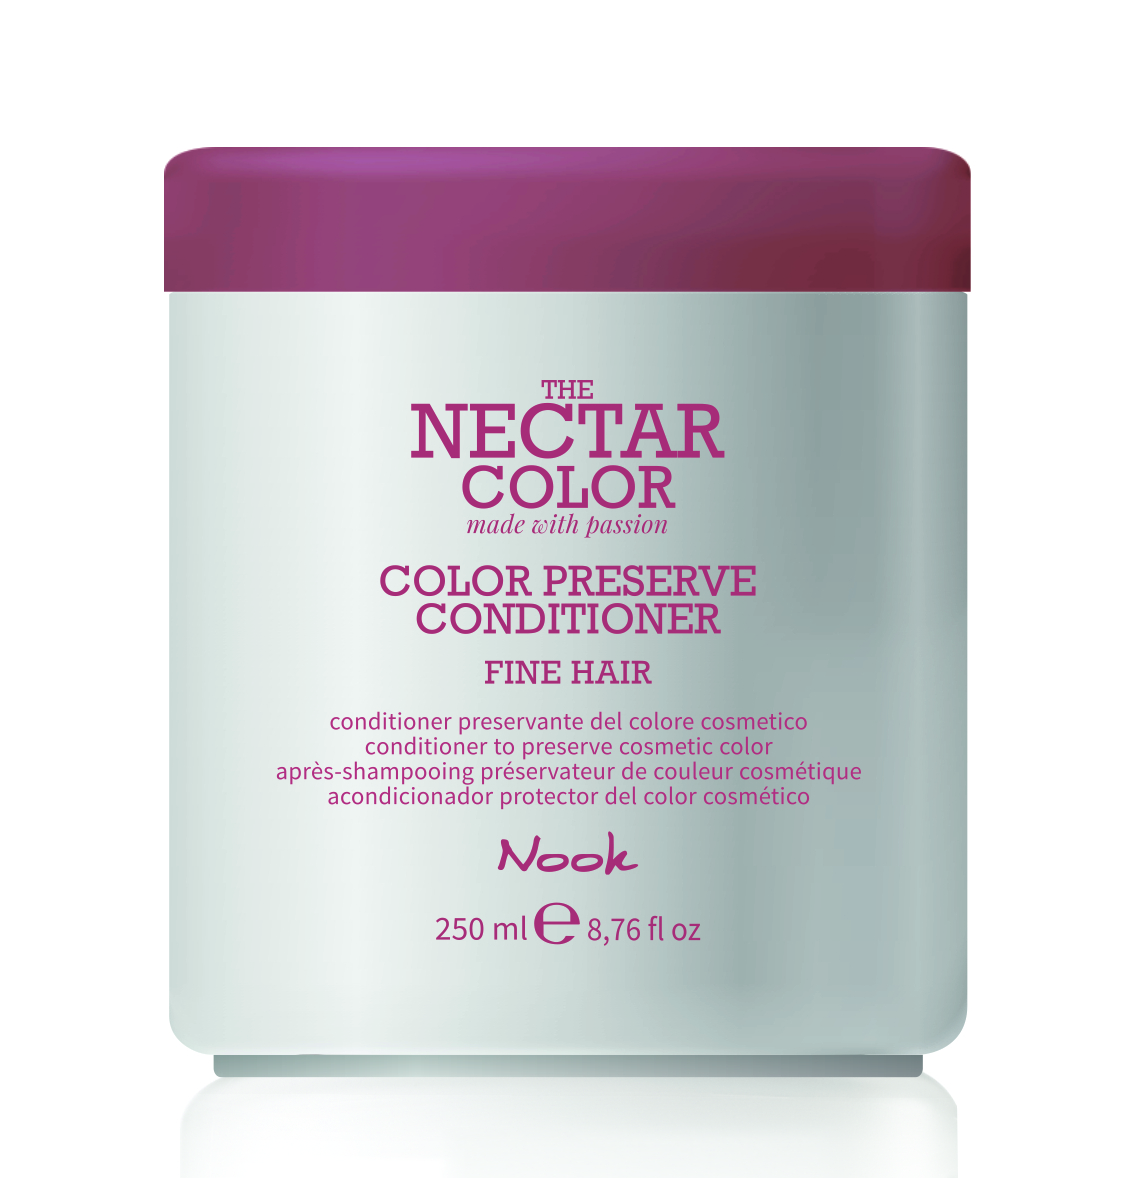 Купить NOOK Кондиционер для ухода за тонкими окрашенными волосами / Color Preserve Conditioner - Fine Hair to preserve cosmetic color 250 мл